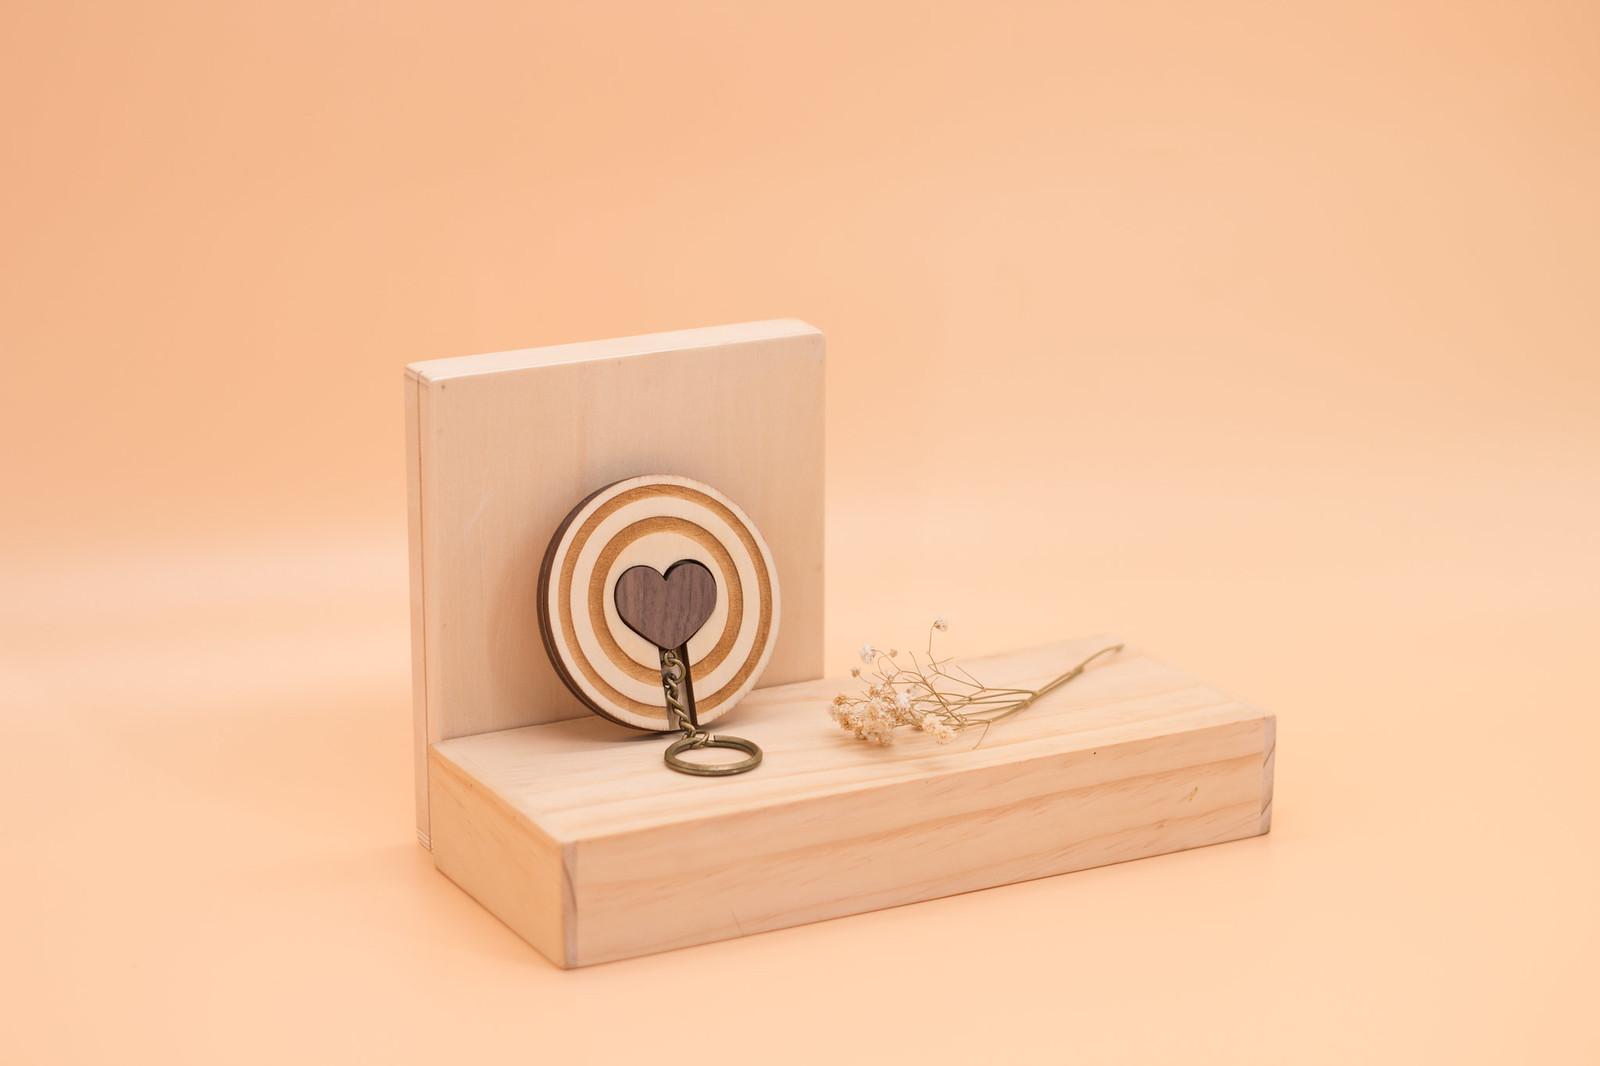 鑰匙圈 客製化 禮物 特色產品 居家 台灣設計 生日 情人節 情侶 愛心 婚禮 結婚 箭 壁掛 簡約 多肉 玄關 療癒 聖誕節 收納 裝飾 吊飾 送禮 中性 木 楓木 胡桃木 鑰匙